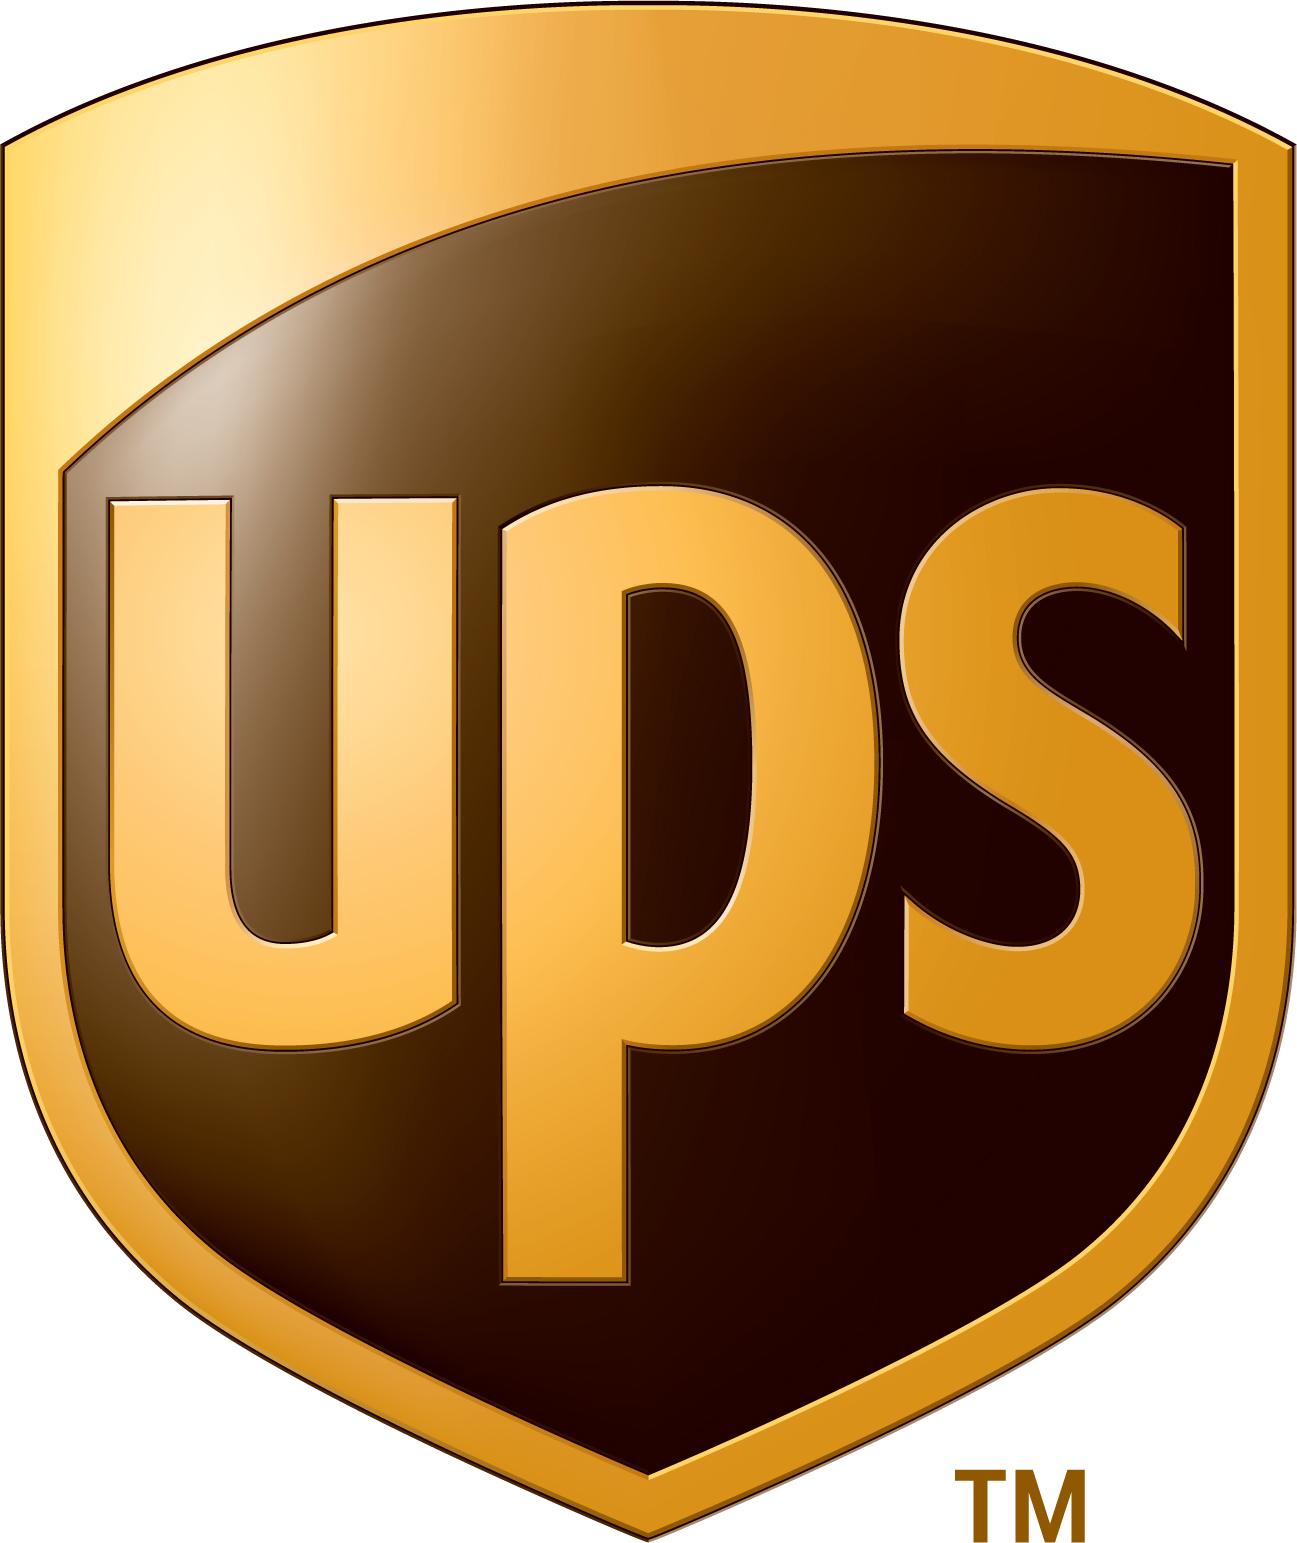 Usps Logo Png Usps Logo 1024x814 Png